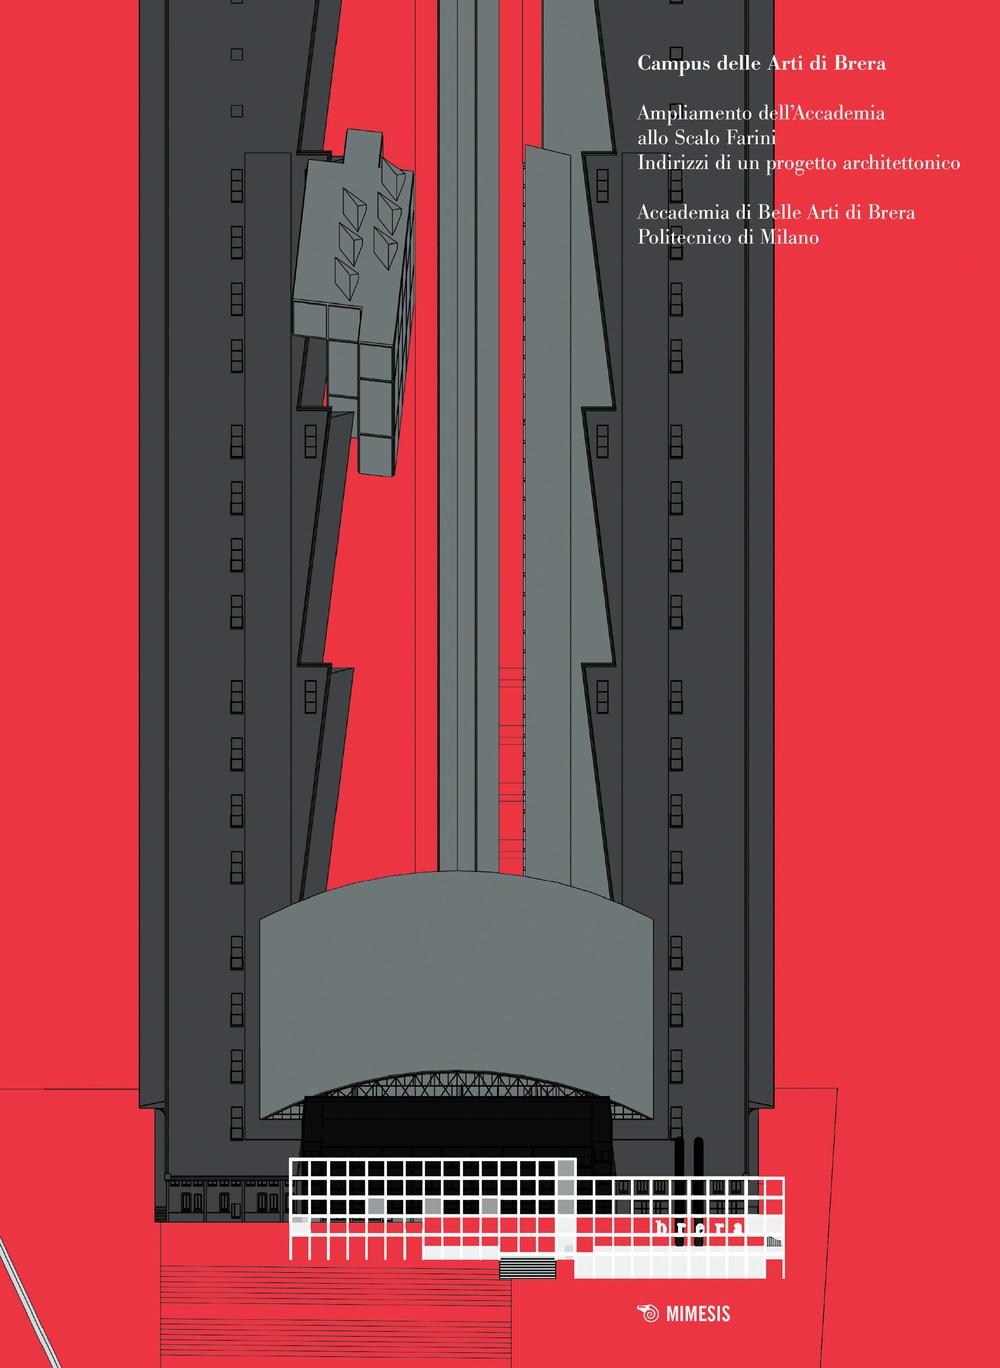 Campus delle Arti di Brera . Ampliamento dell'accademia allo Scalo Farini. Indirizzi di un progetto architettonico